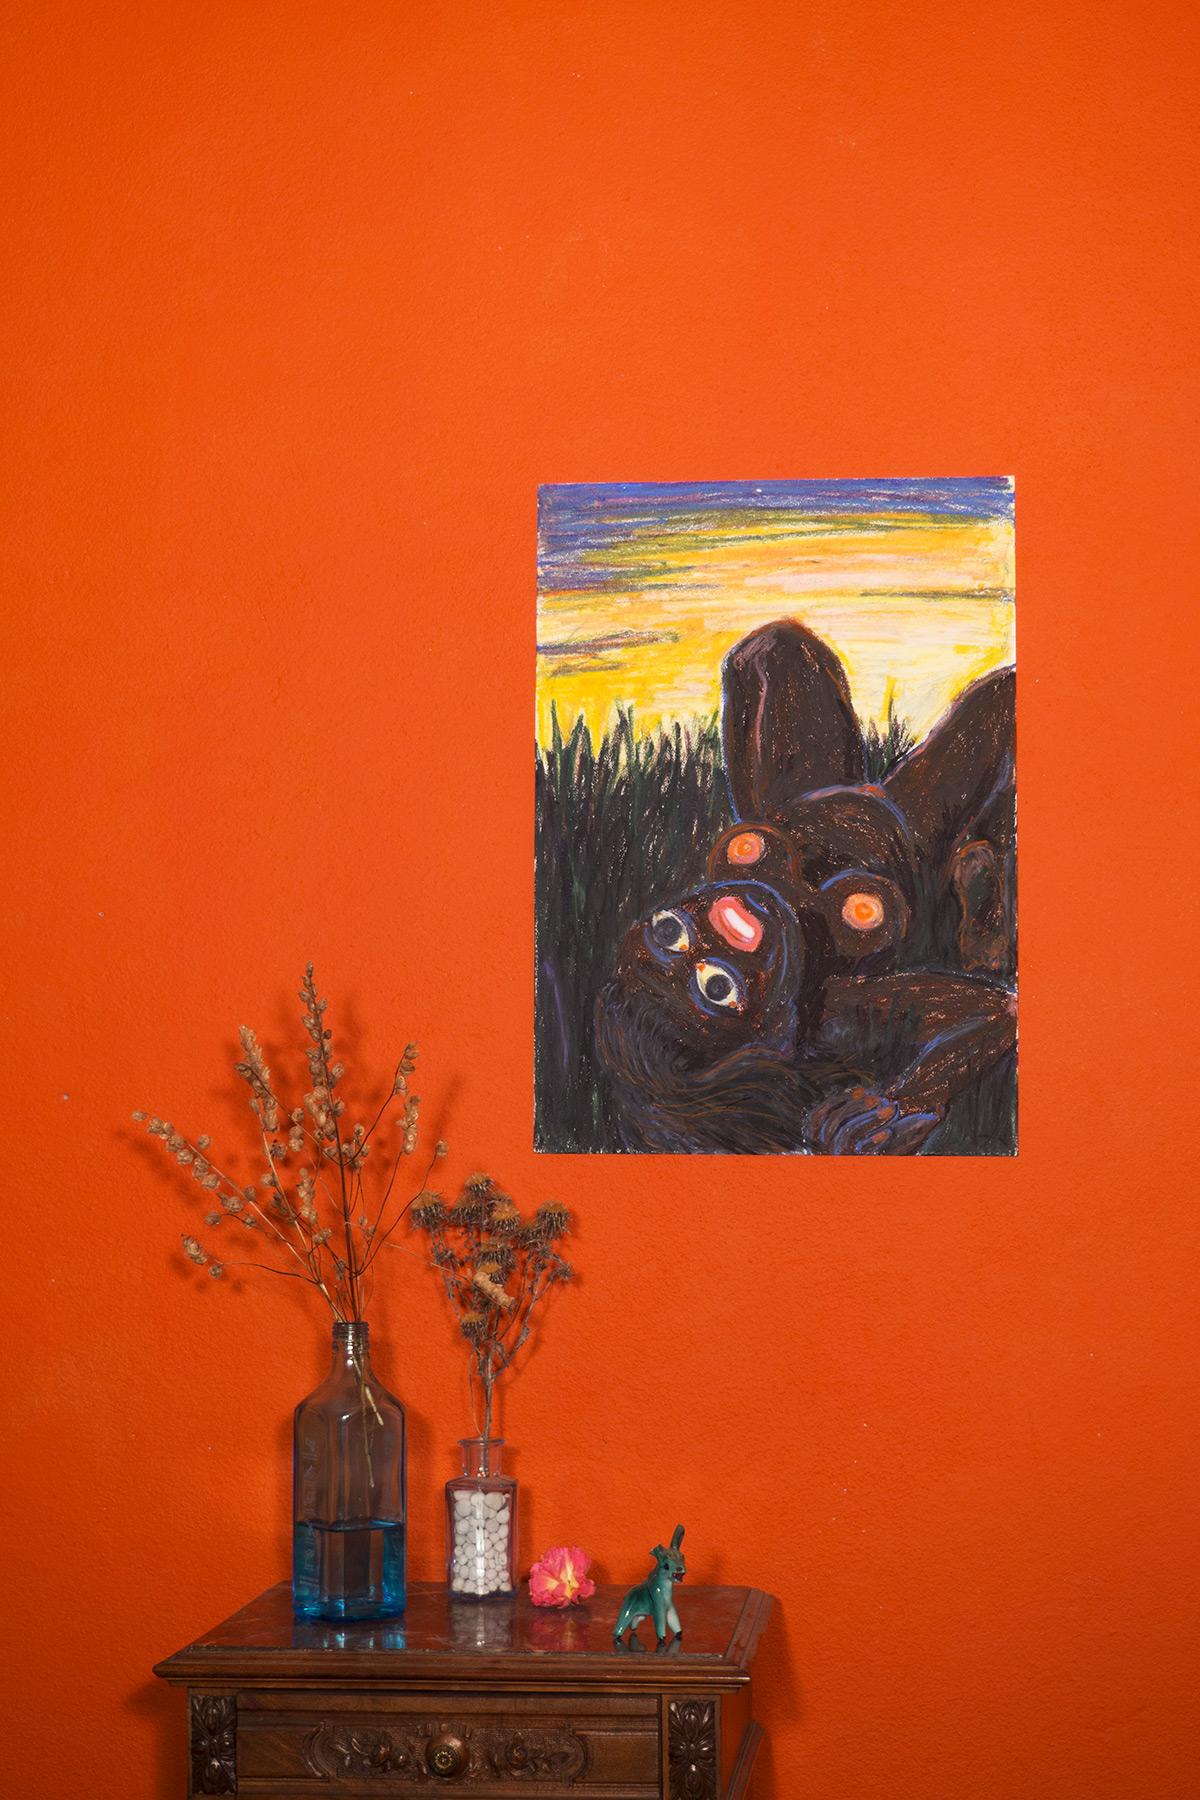 tegninger, farverige, ekspressionistiske, illustrative, landskab, portræt, kroppe, stemninger, natur, seksualitet, brune, gule, papir, olie, samtidskunst, dansk, erotiske, kvindelig, feminist, interiør, bolig-indretning, moderne, moderne-kunst, naturealistiske, nat, nordisk, nøgen, obskurt, skandinavisk, seksuel, teenage, Køb original kunst og kunstplakater. Malerier, tegninger, limited edition kunsttryk & plakater af dygtige kunstnere.